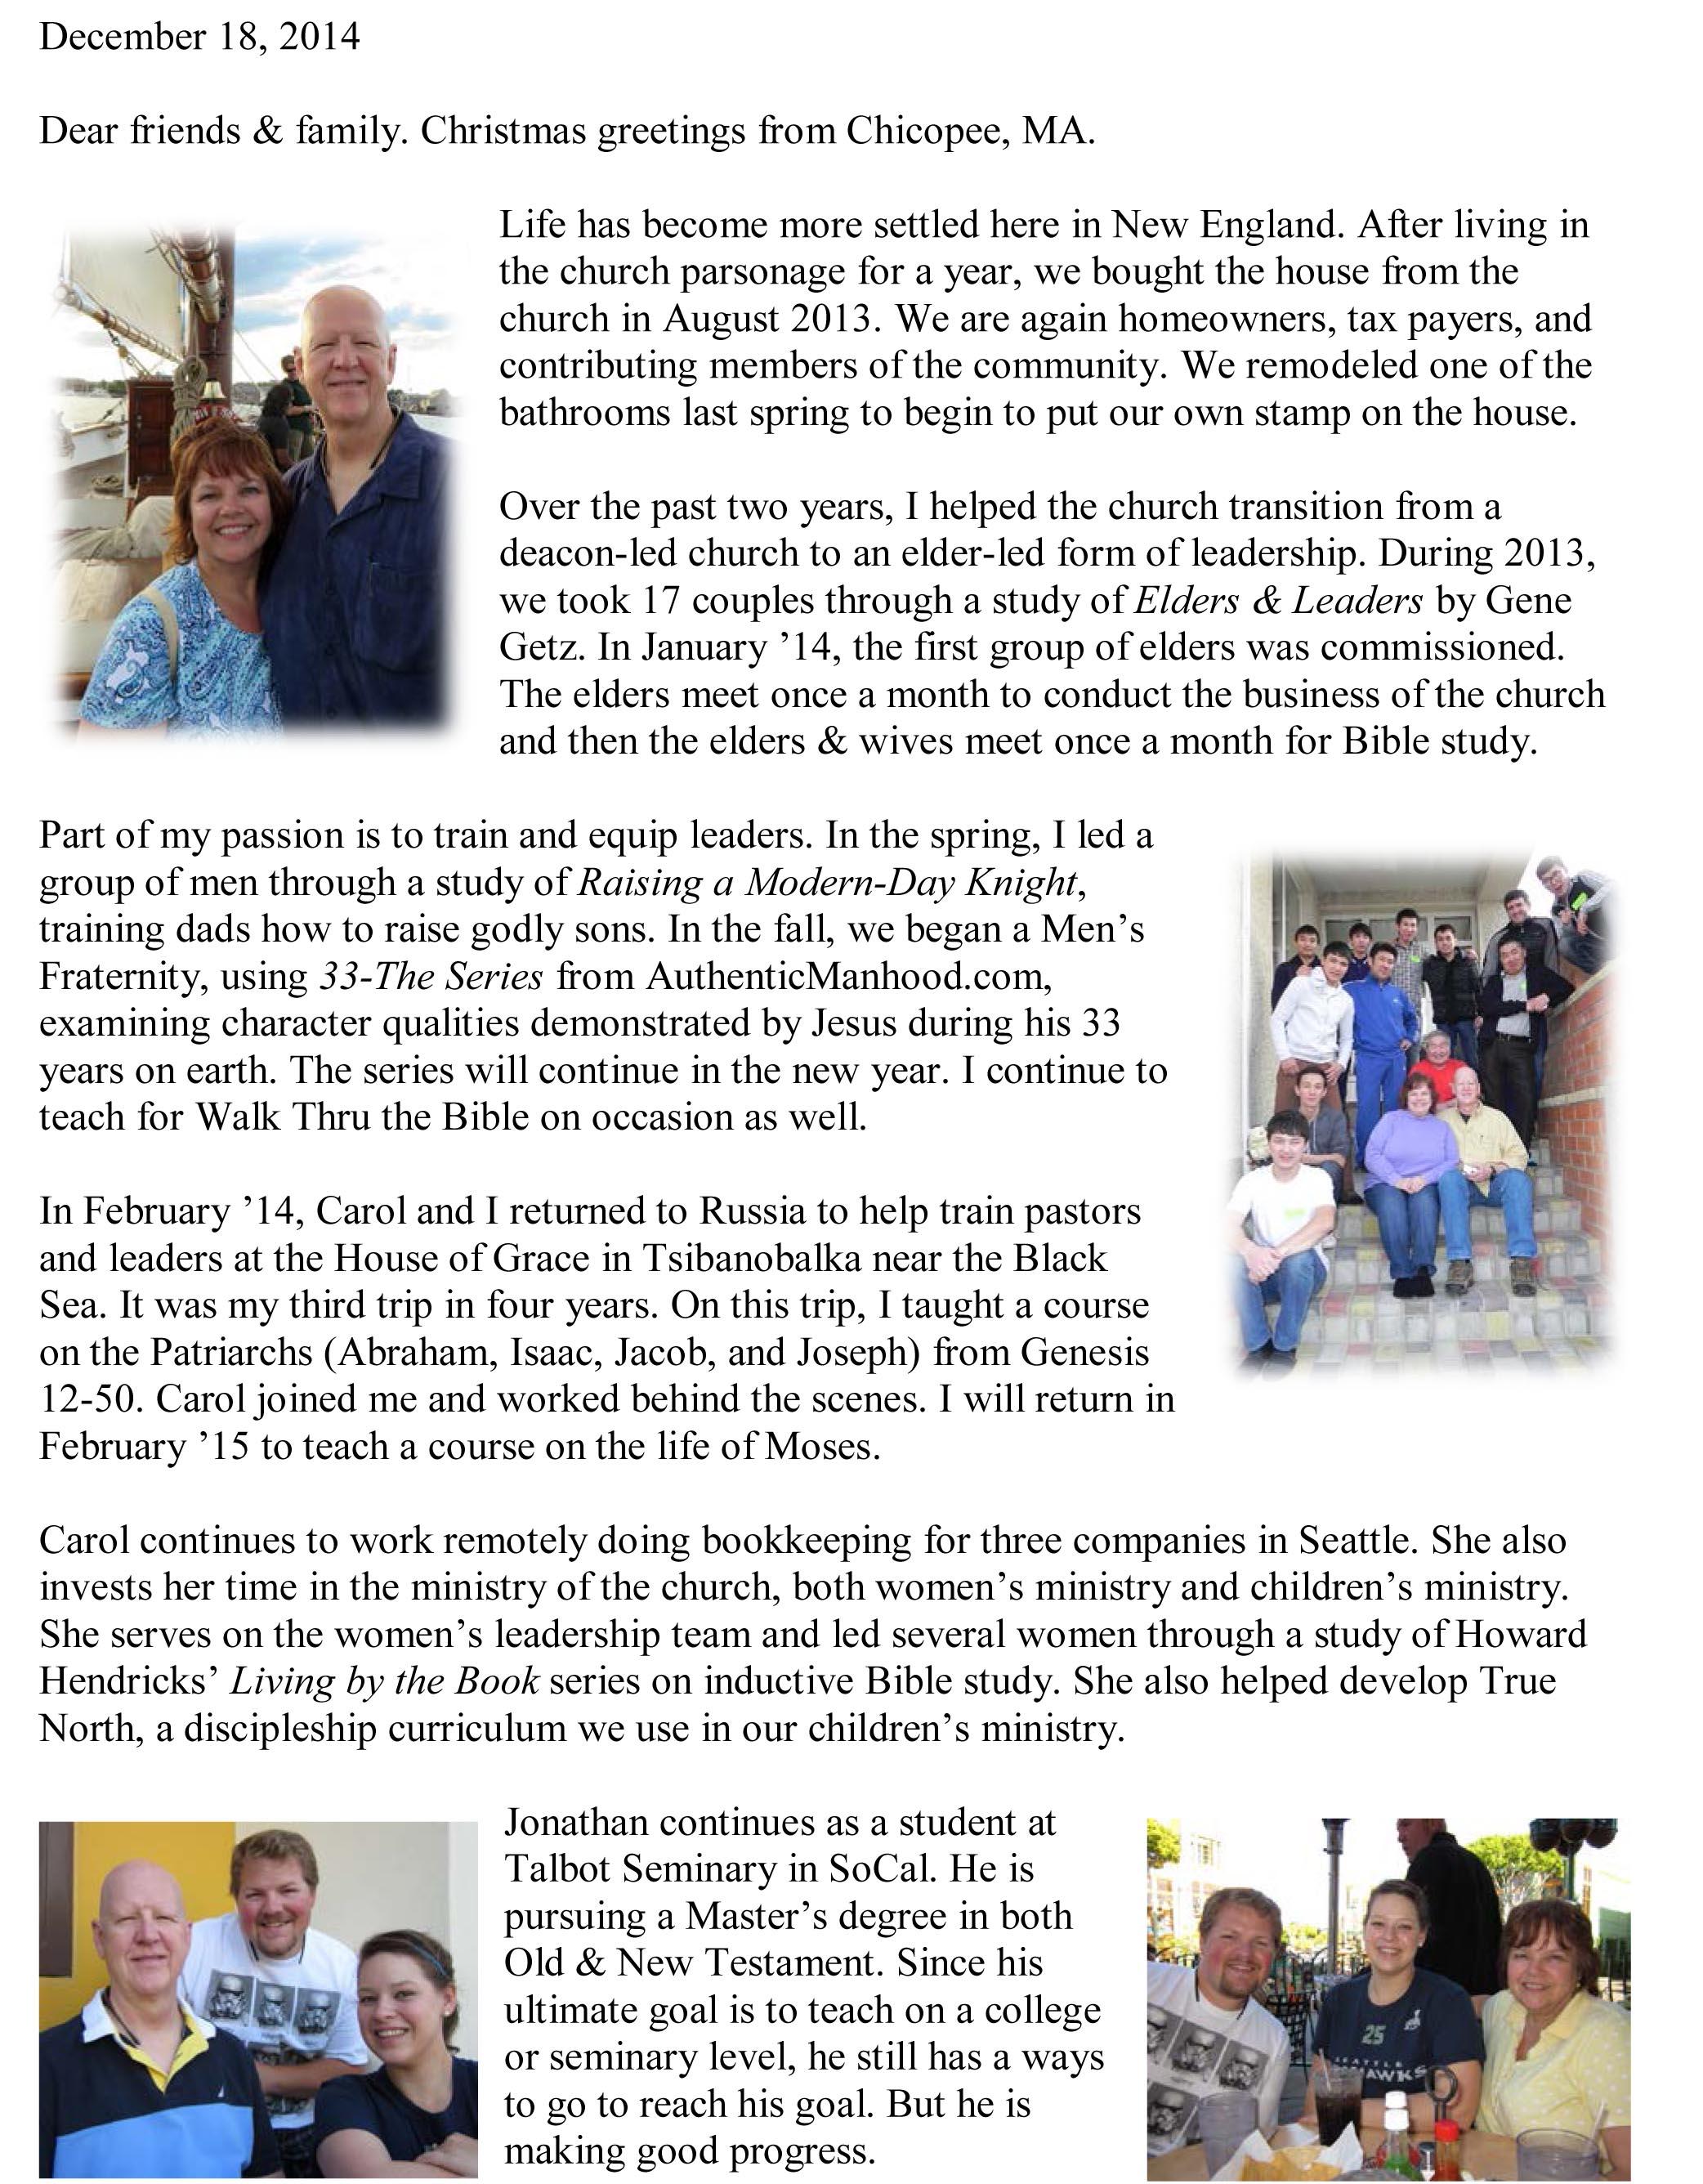 Wheeler Family Christmas Letter 2014 Edition On Target